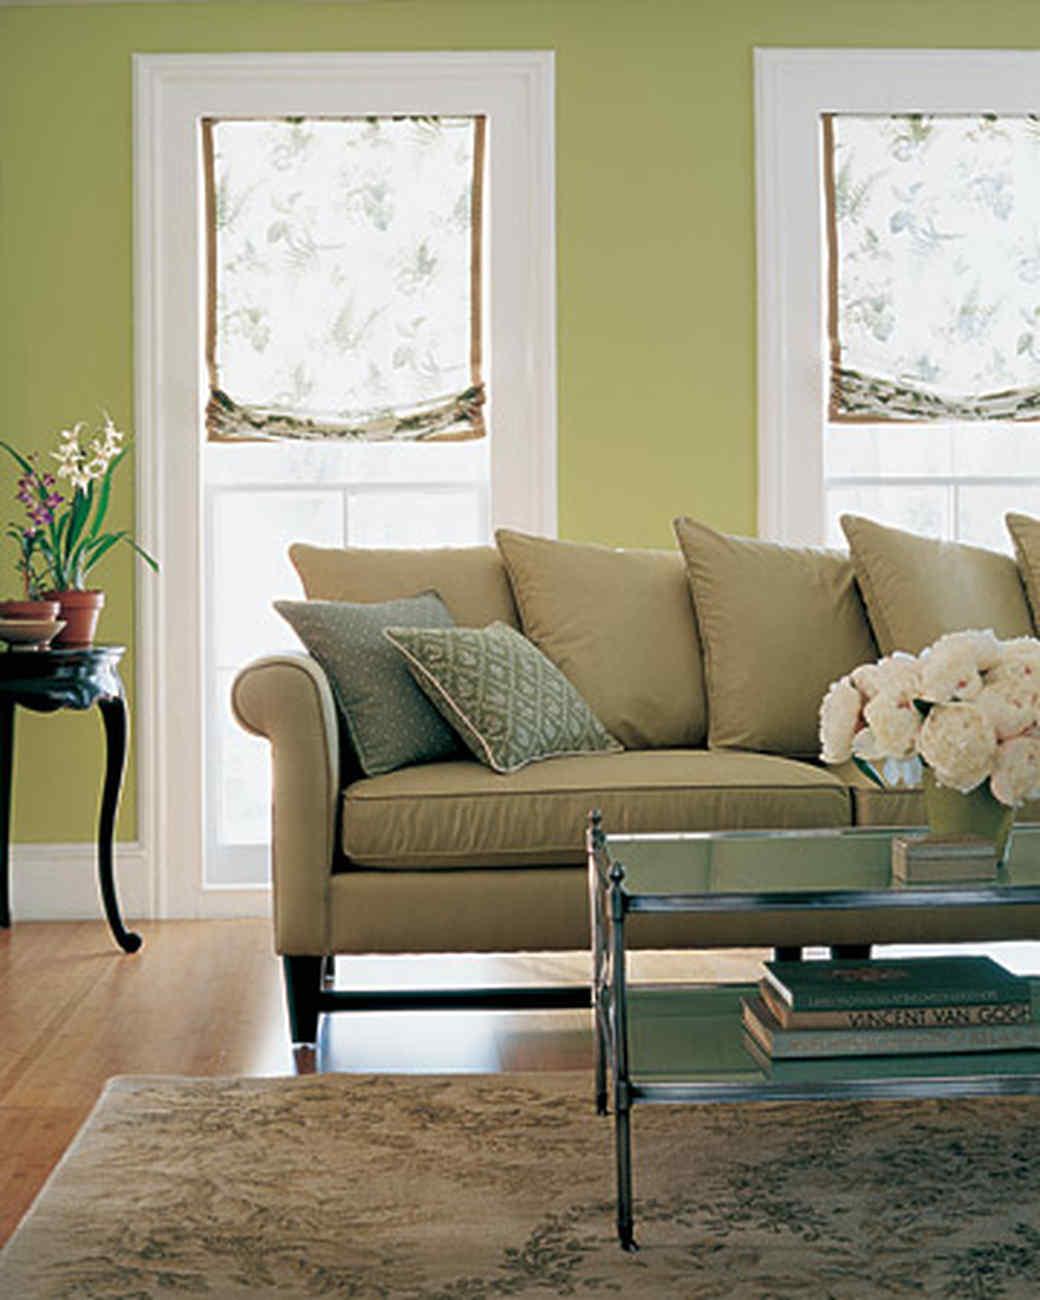 bernhardt_furniture_2003.jpg